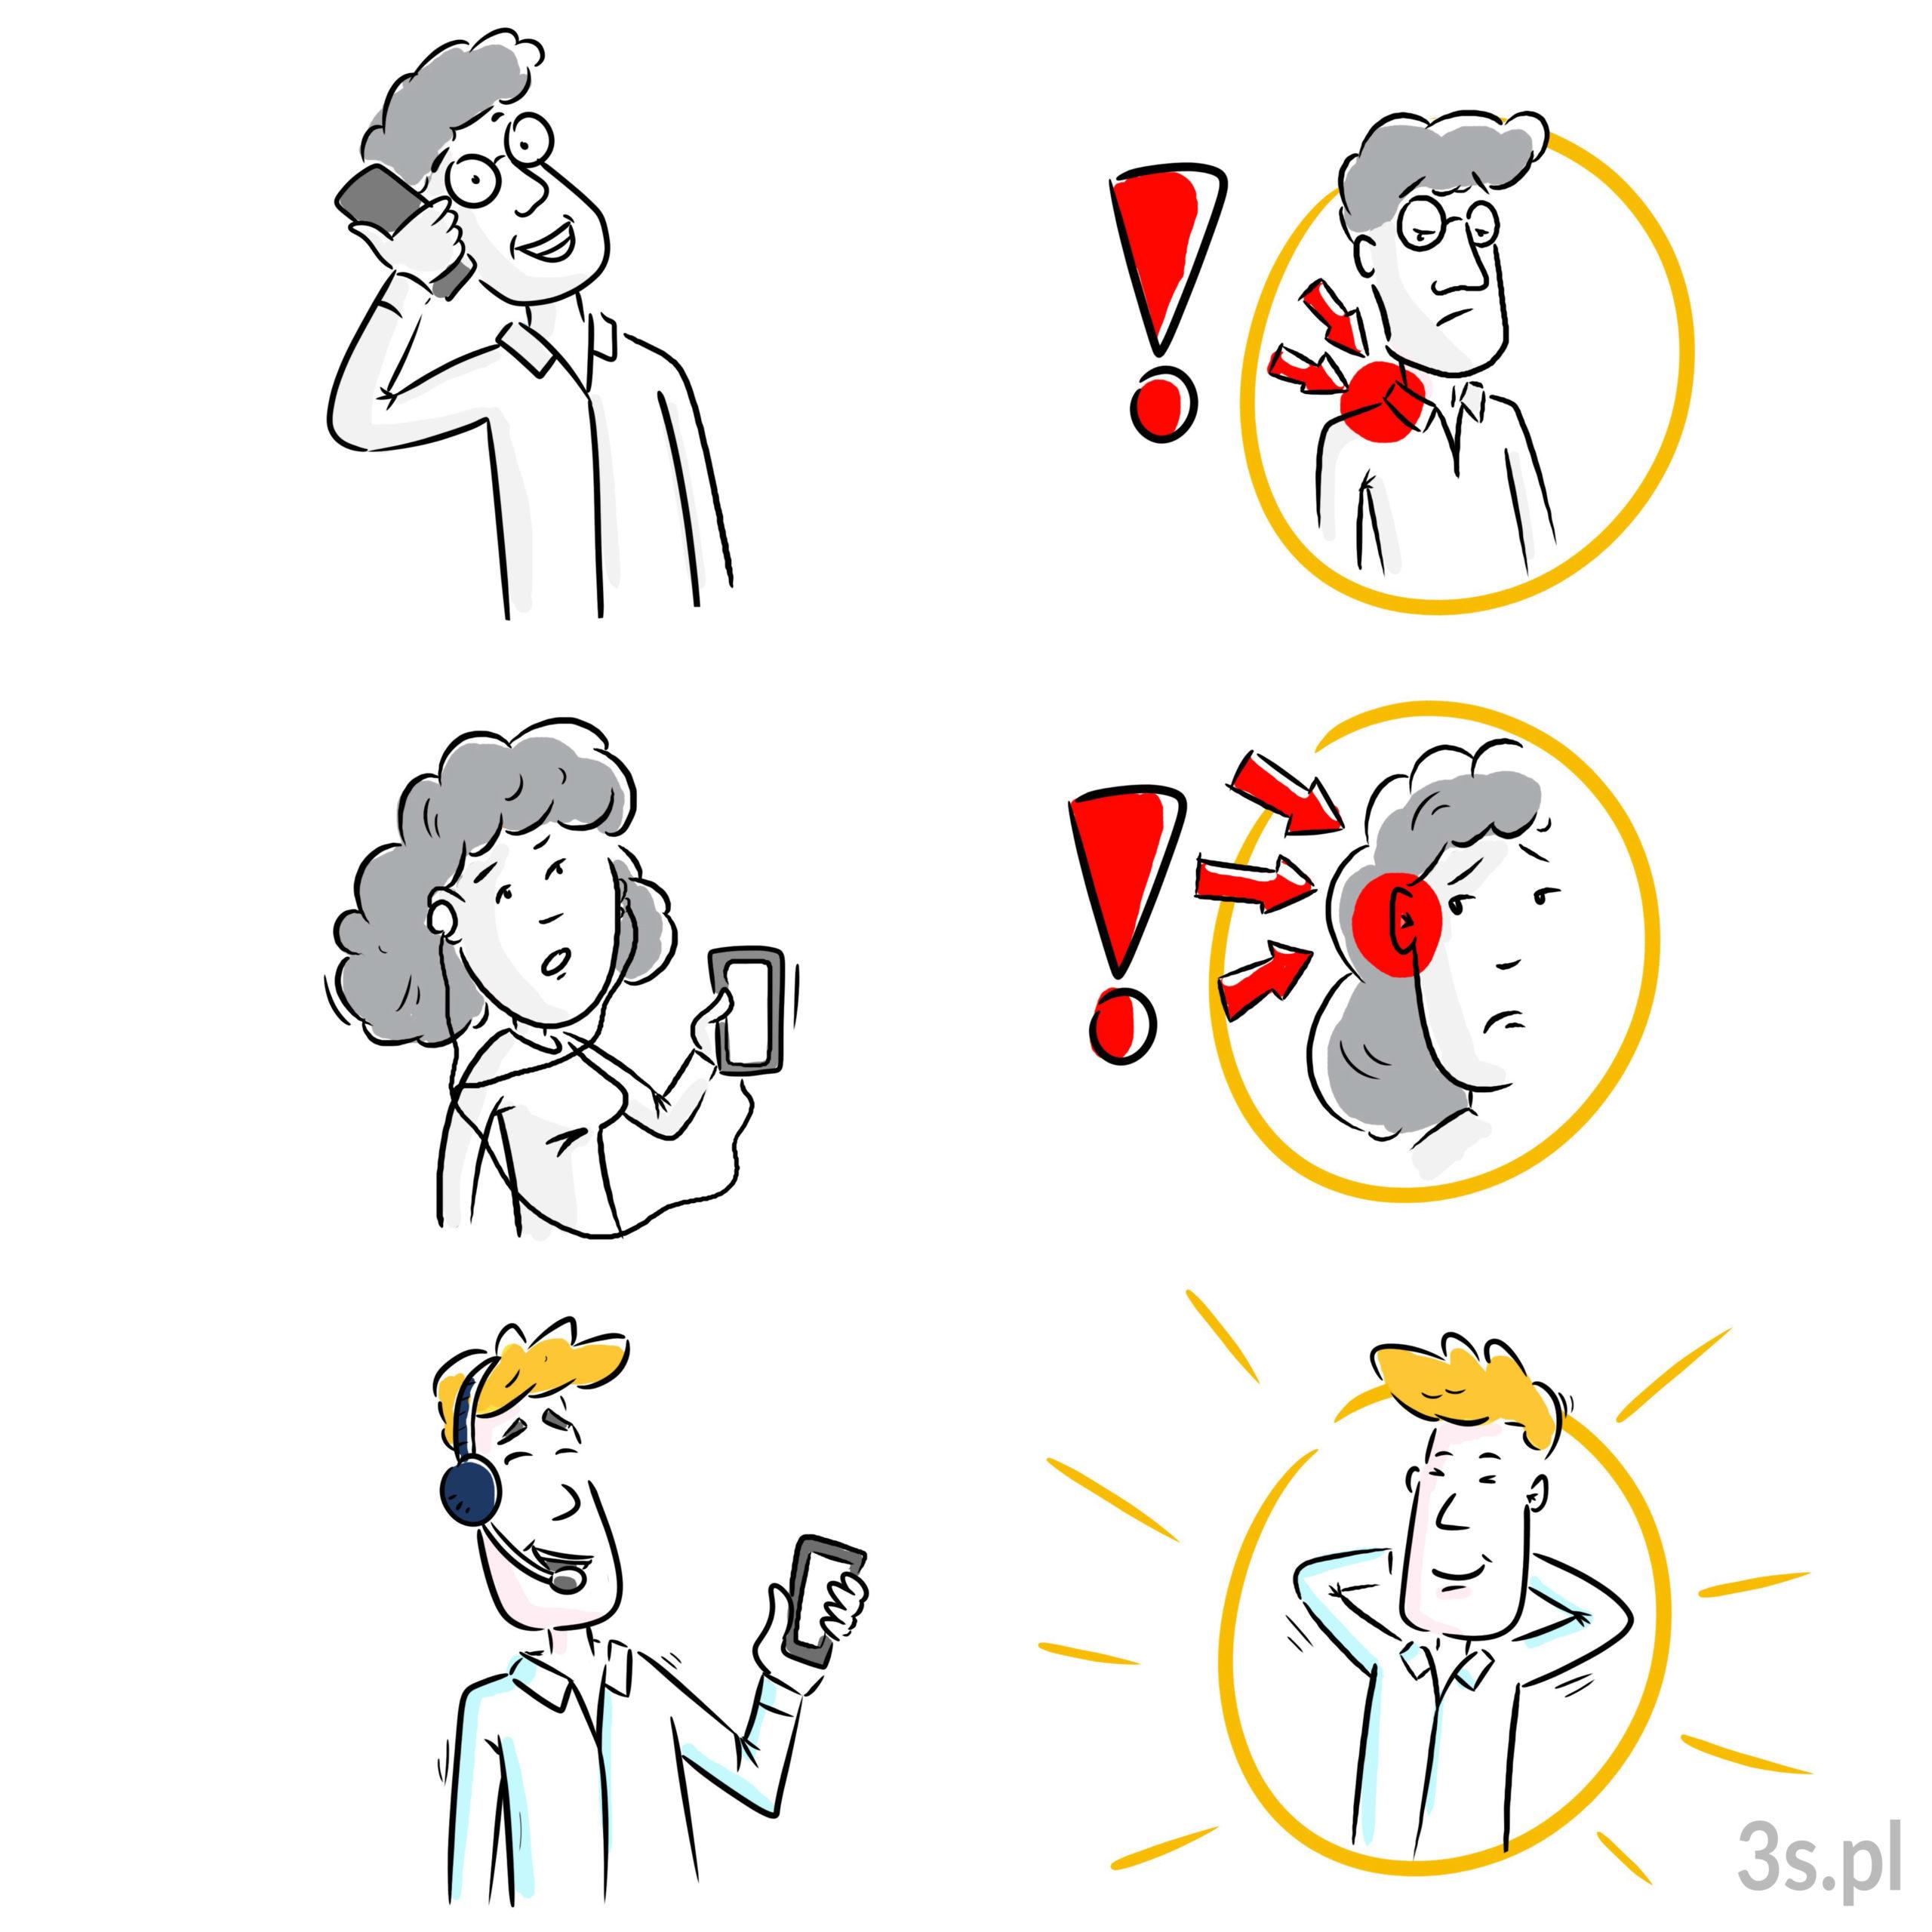 Telecloud Urządzenia do komunikacji głosowej w pracy zdalnej.